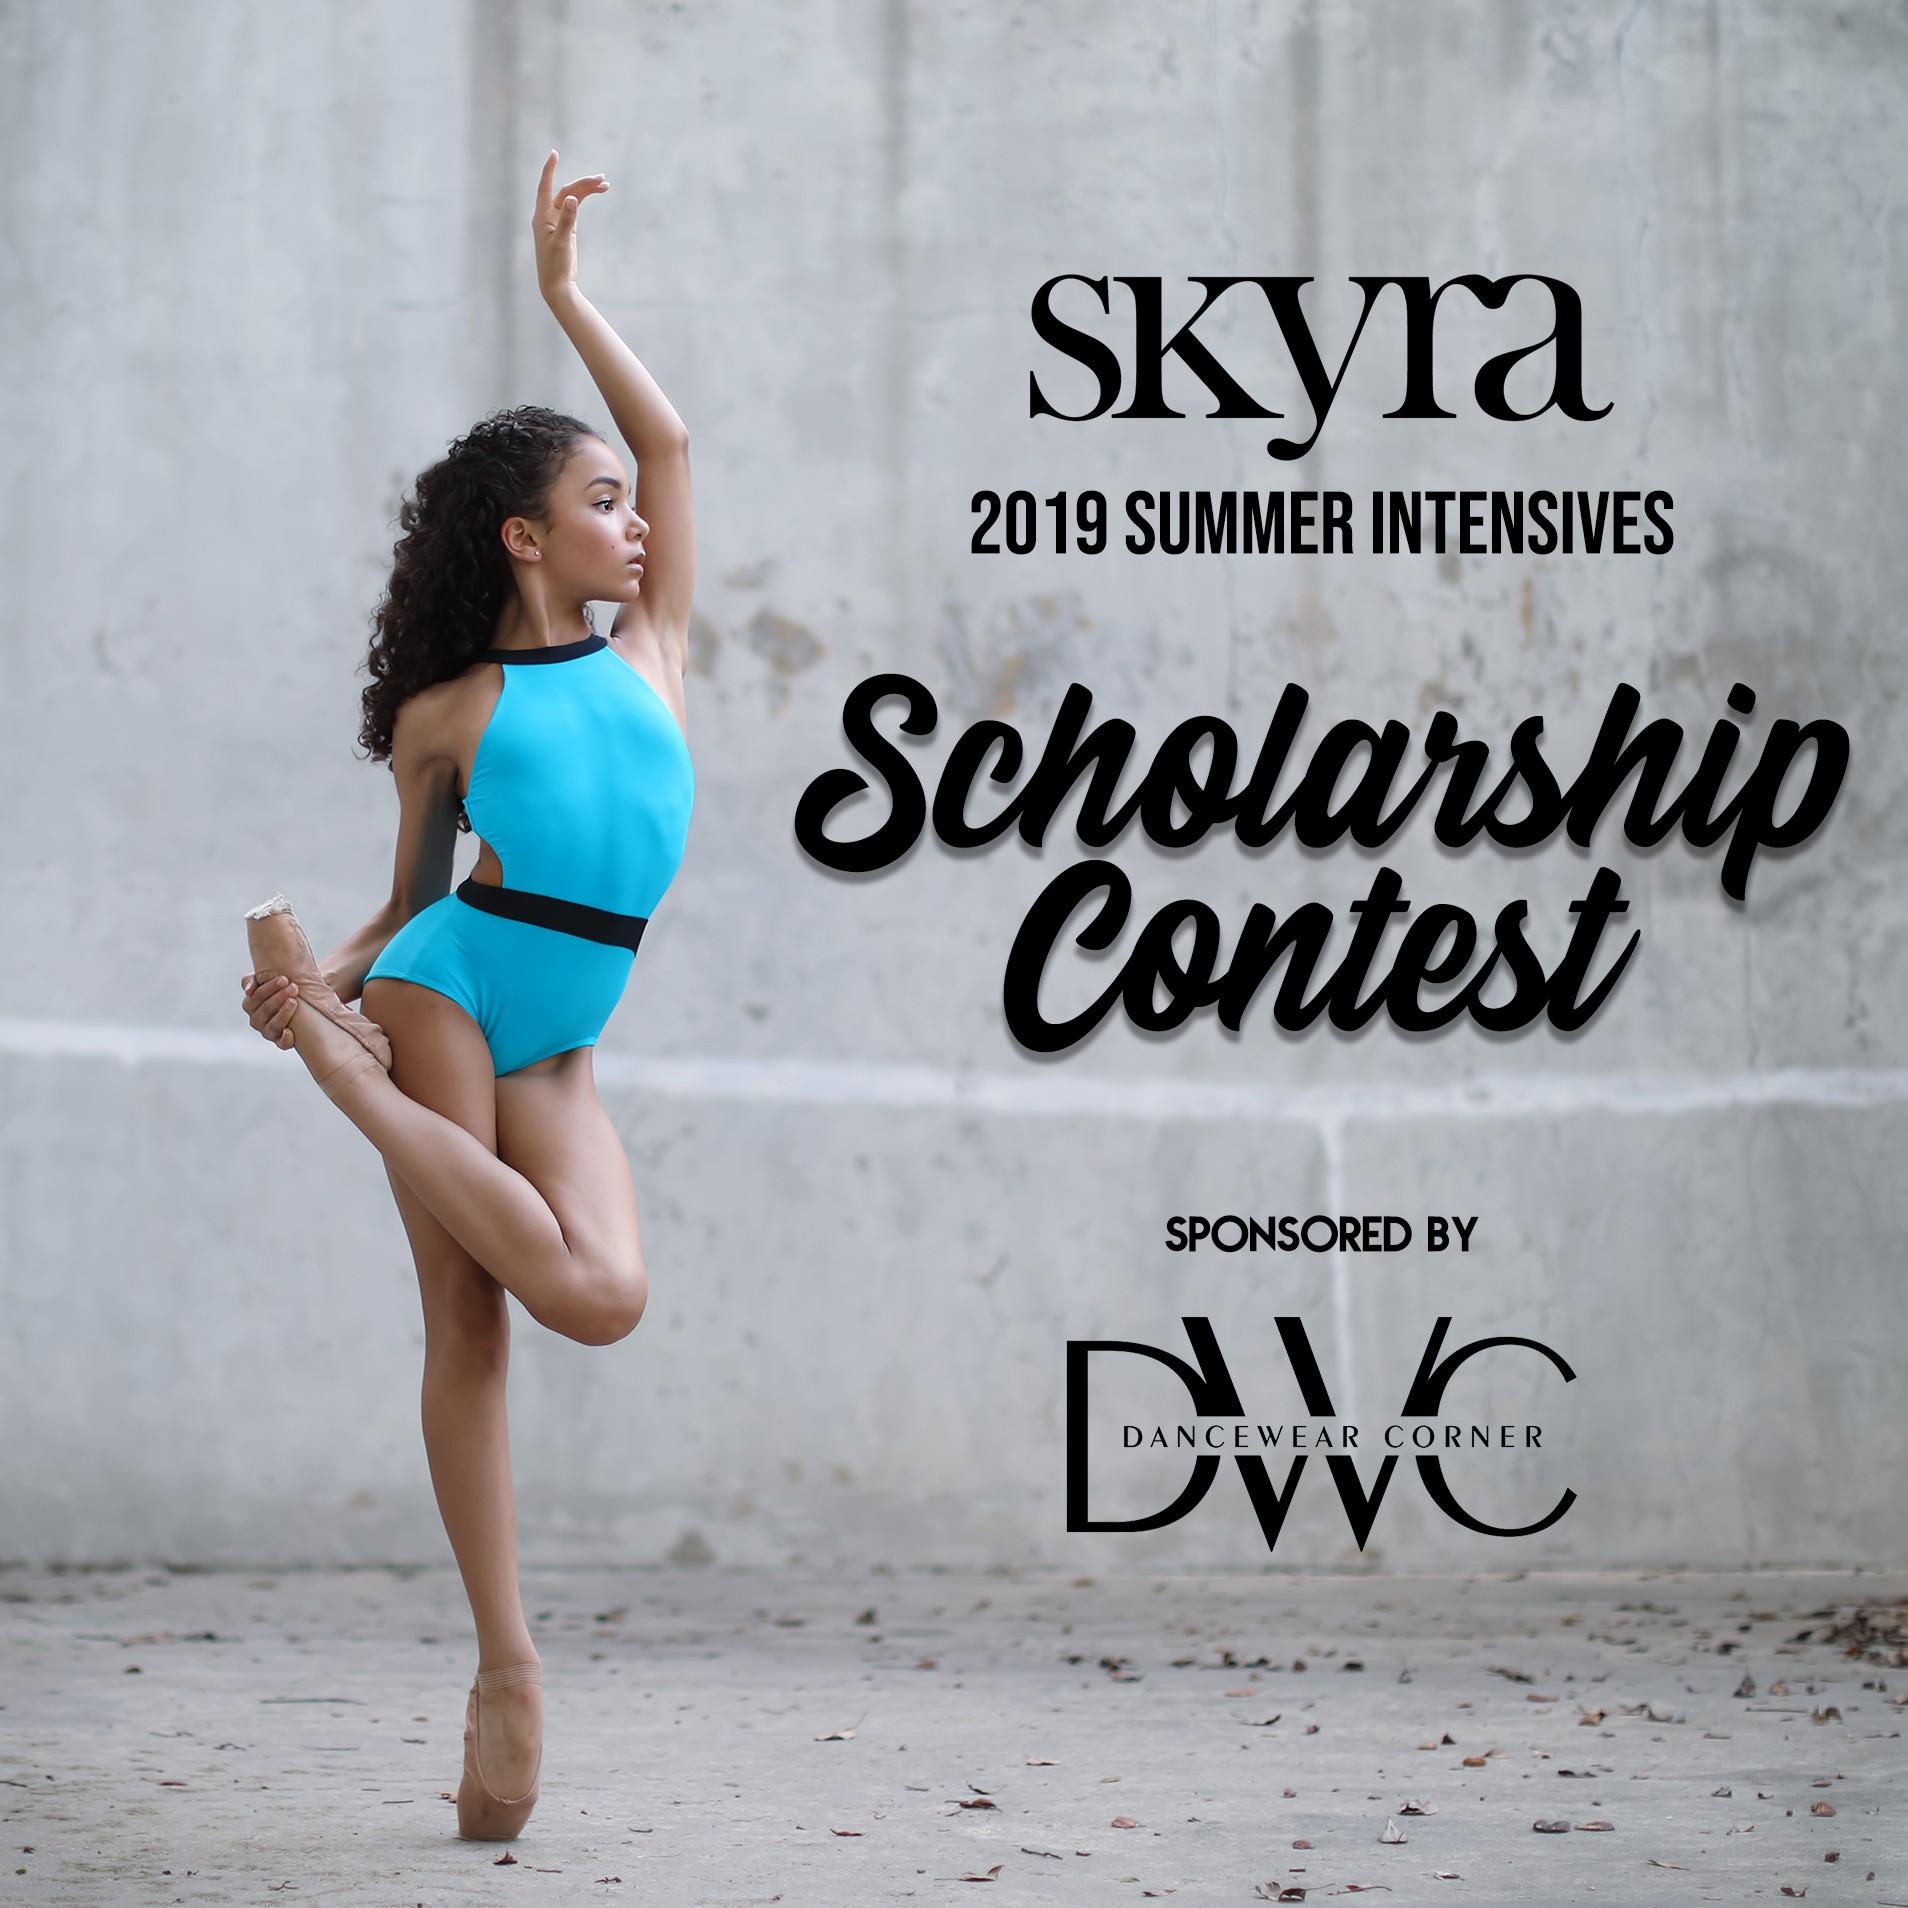 Skyra Studios Summer Intensives